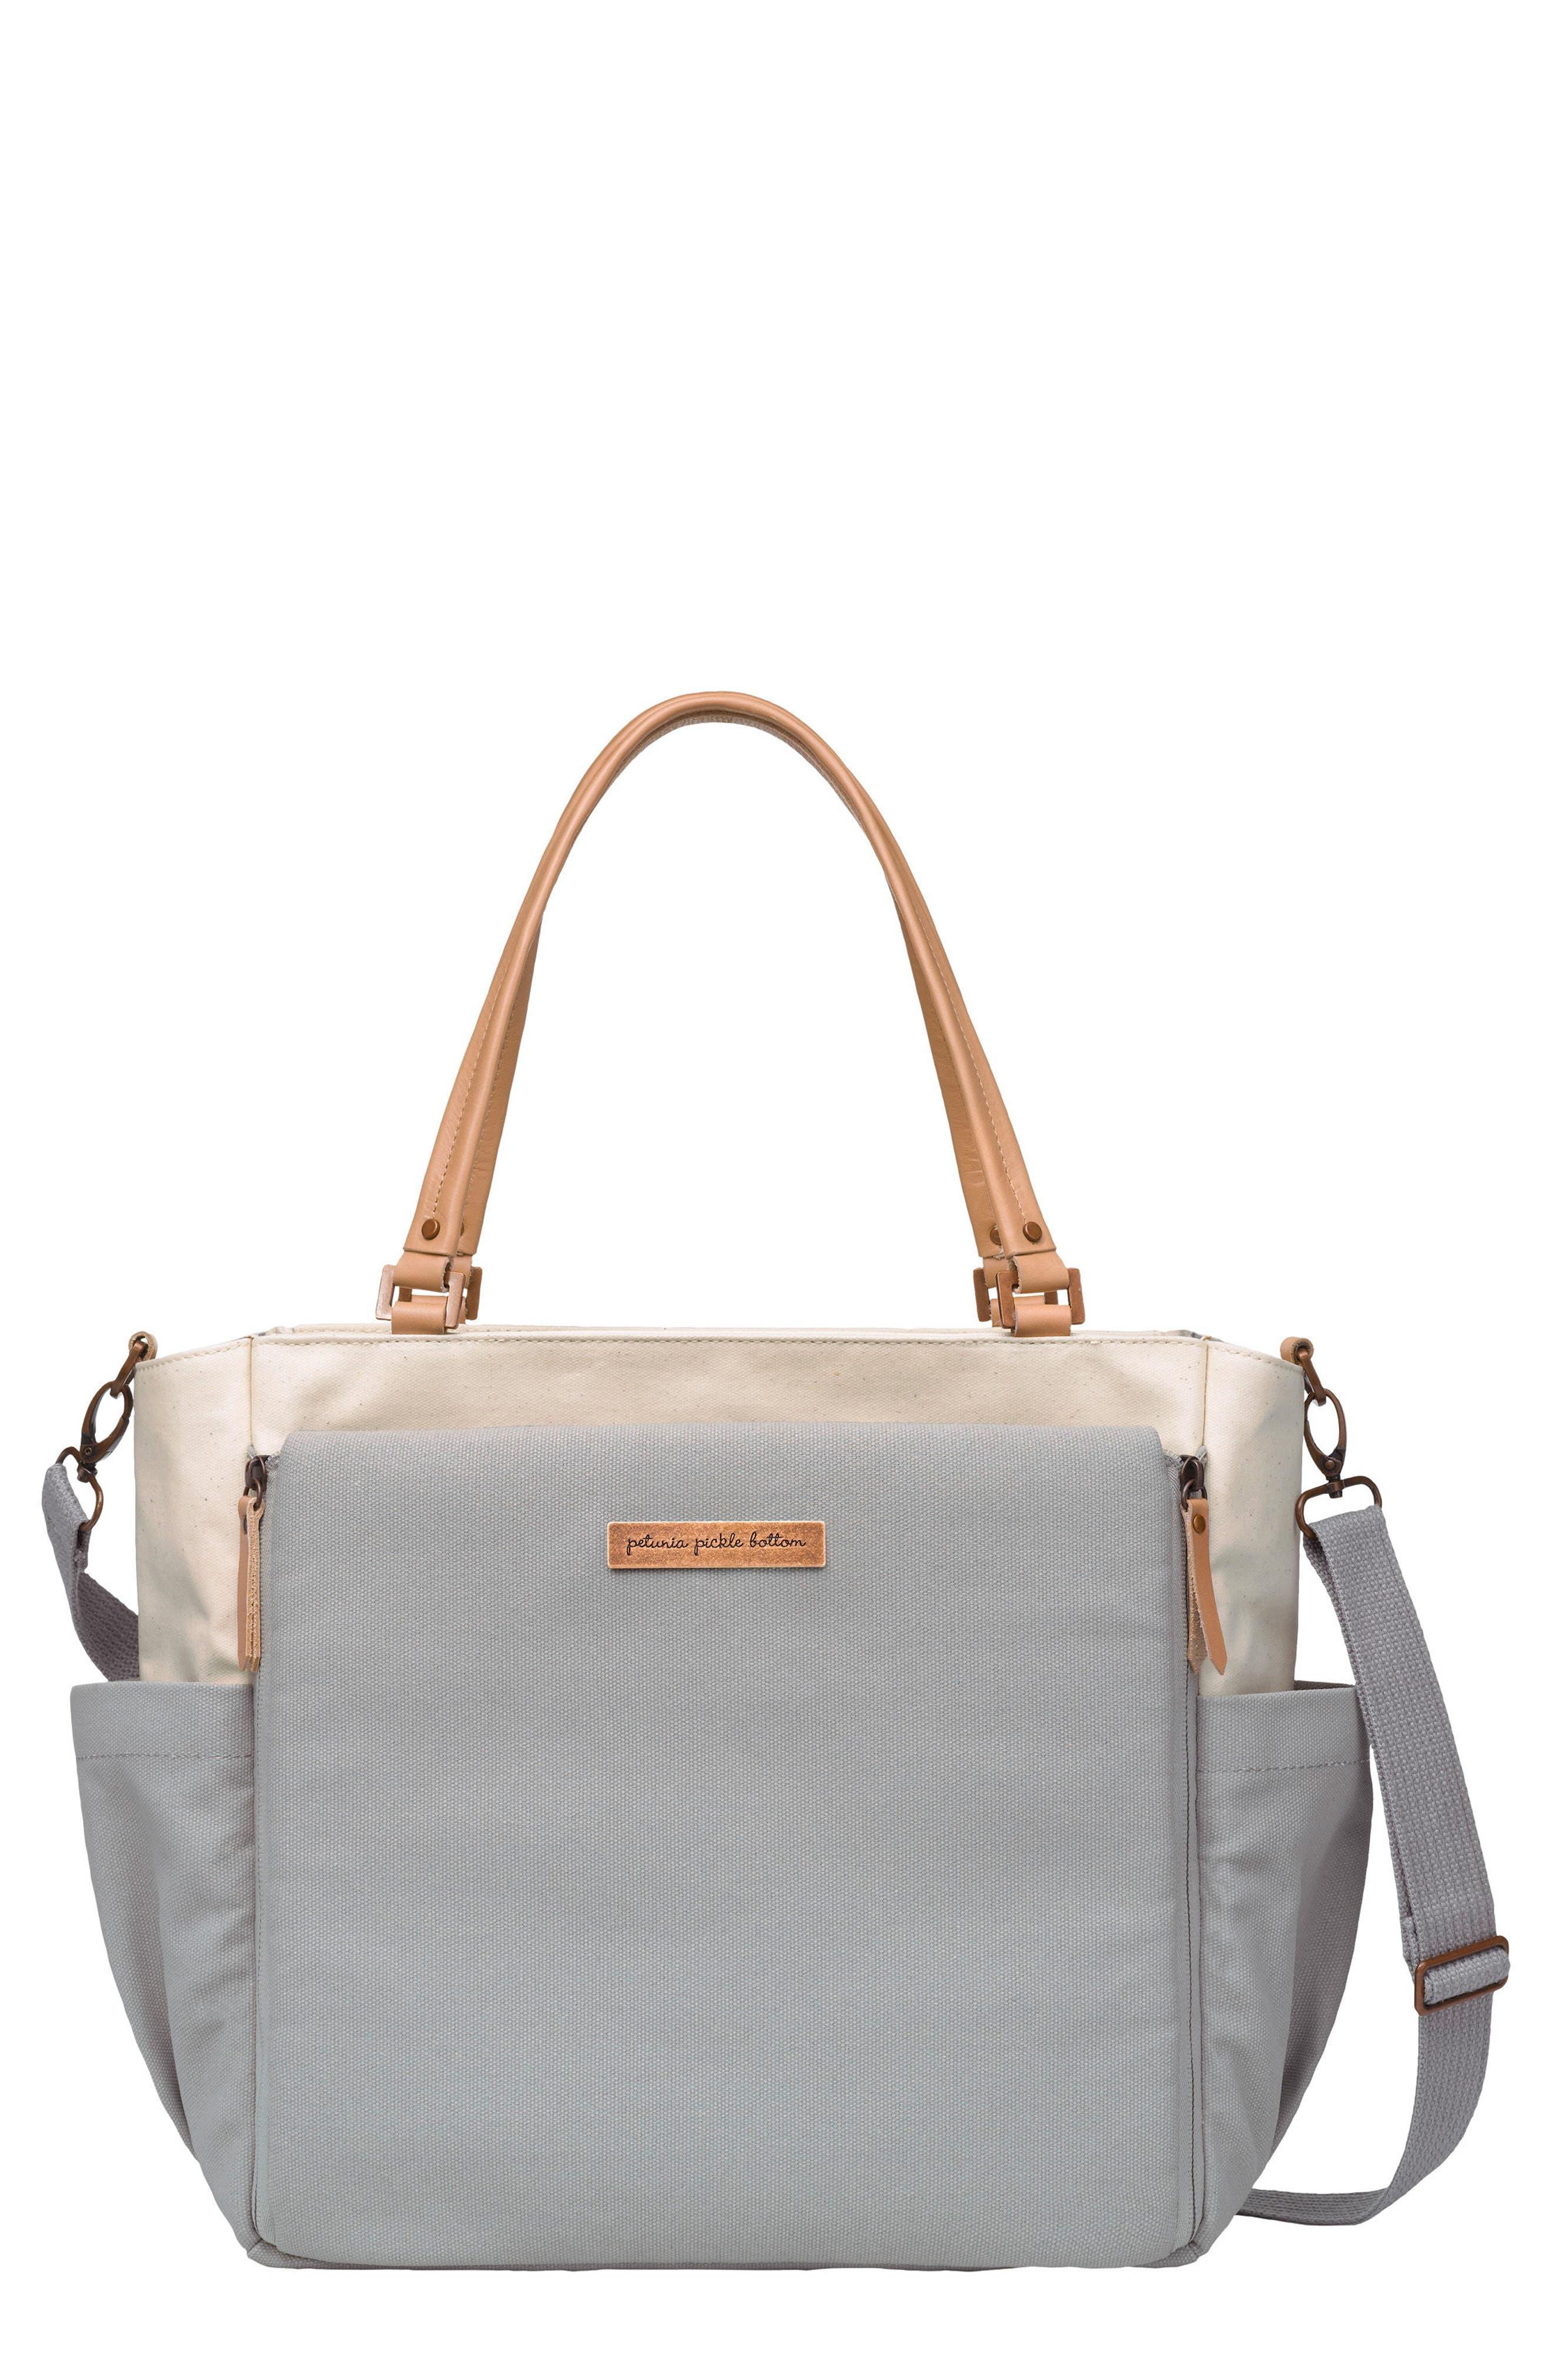 Main Image - Petunia Pickle Bottom City Carryall Diaper Bag